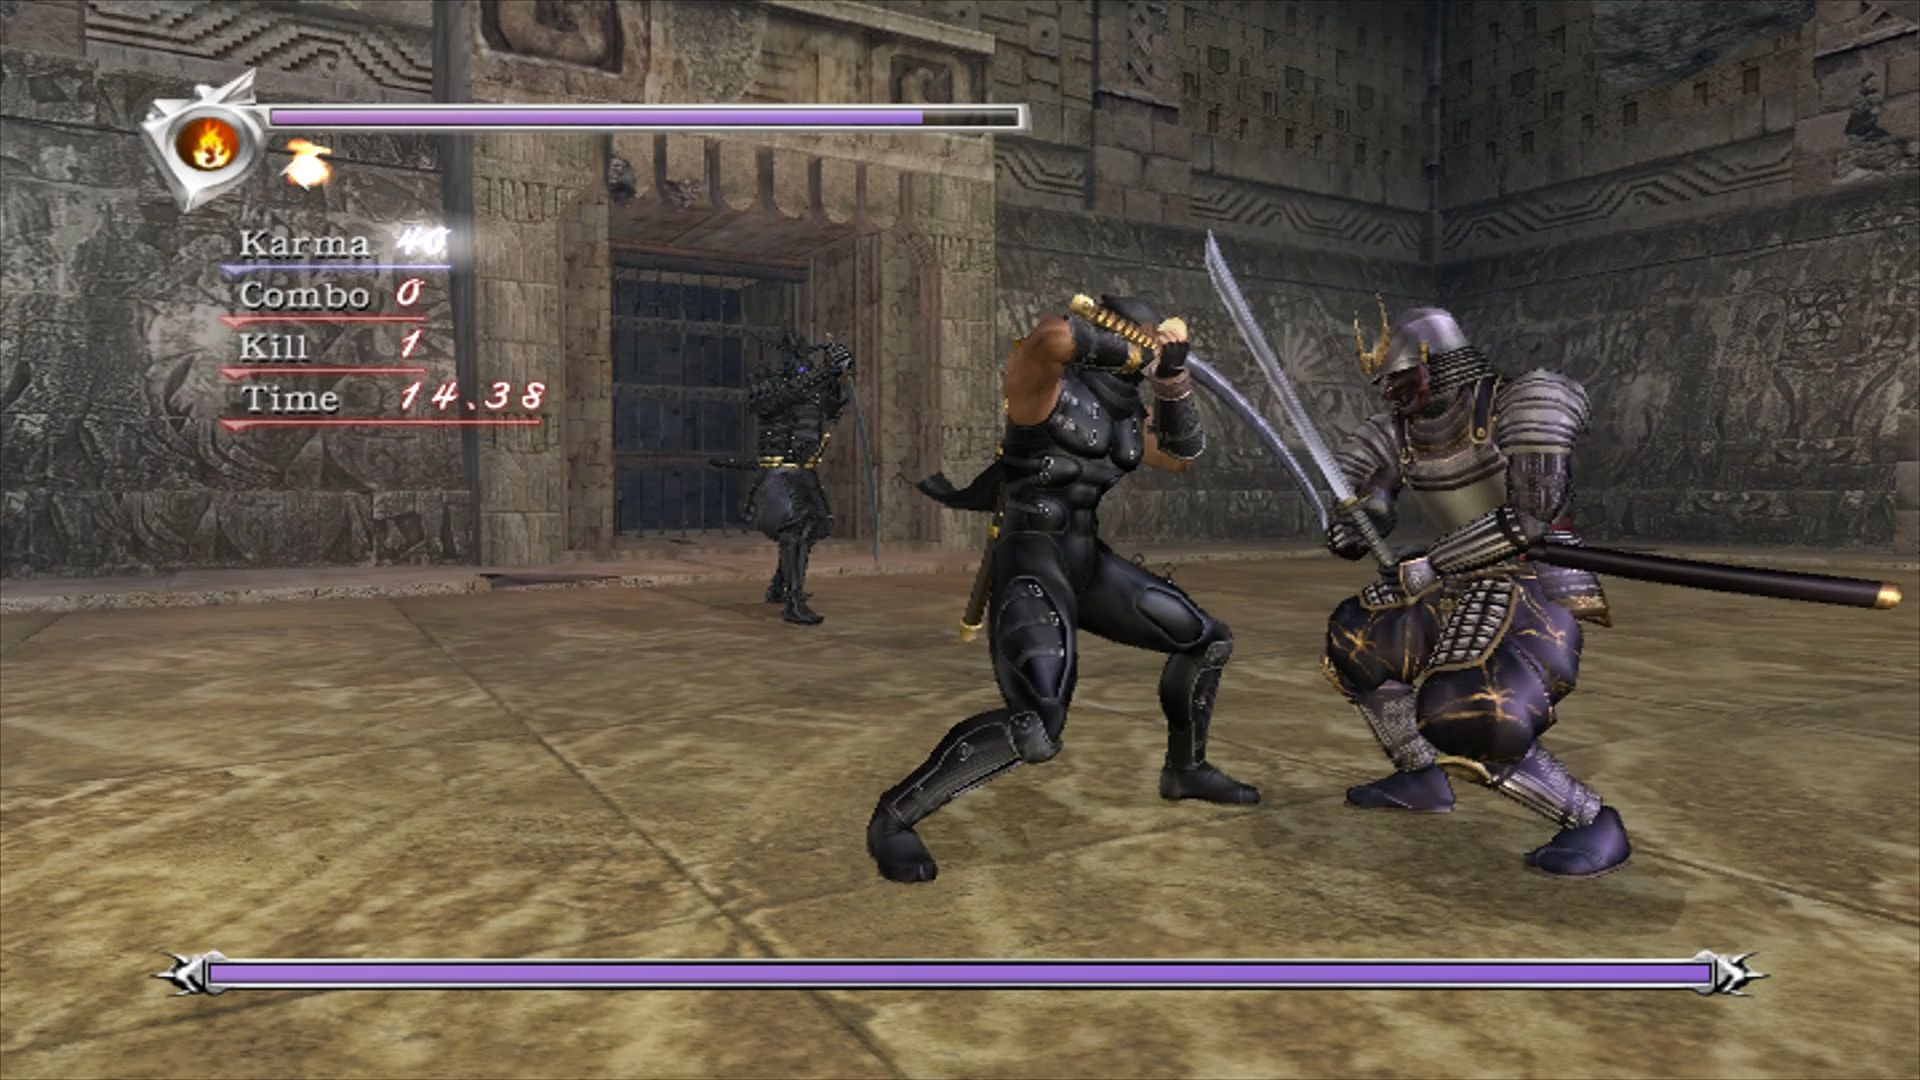 Game Ninja Gaiden Wallpaper: Black Ninja Gaiden 3 Wallpapers